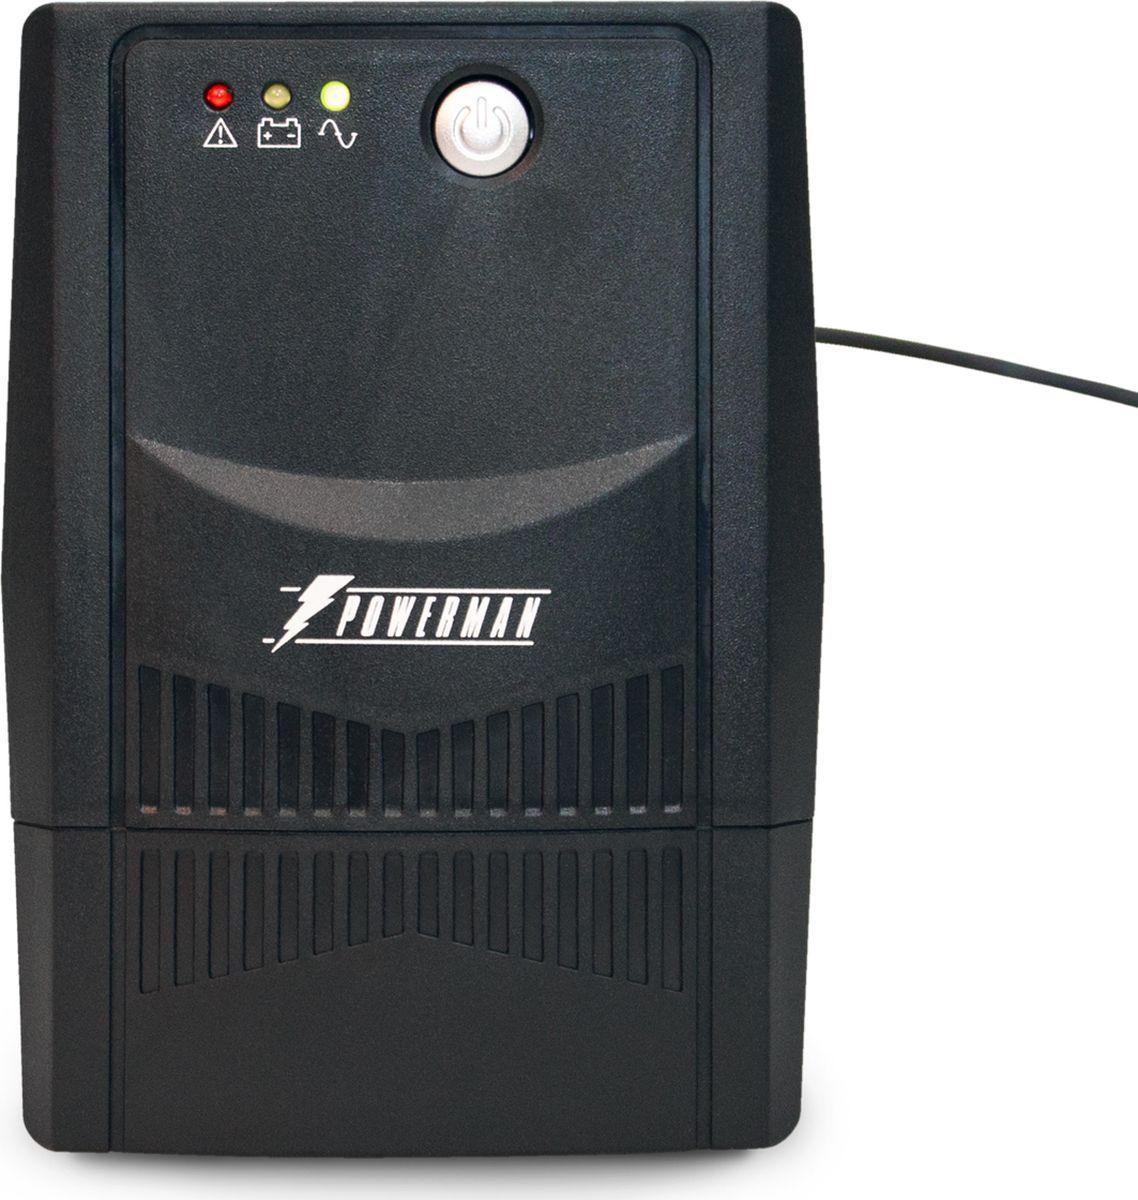 Источник бесперебойного питания Powerman UPS Вack Pro 800 Plus, 800 ВА источник бесперебойного питания powerman ups вack pro 1000 1000 ва